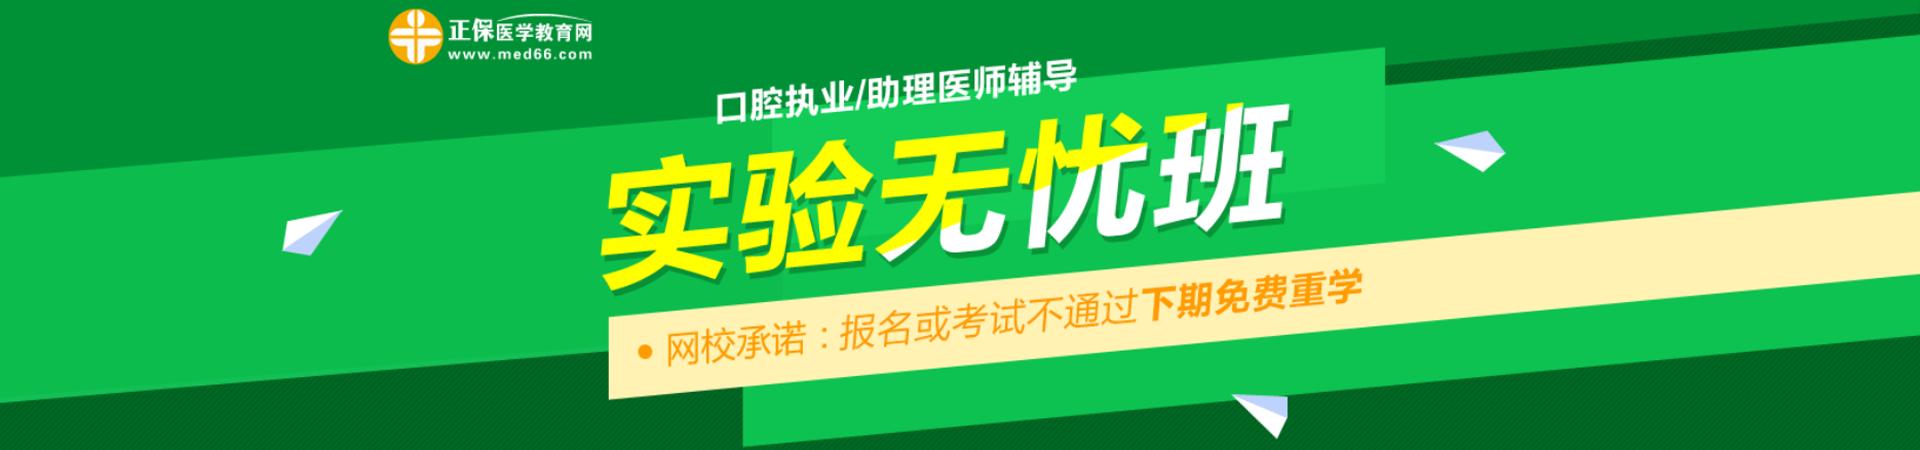 2019口腔助理医师网校